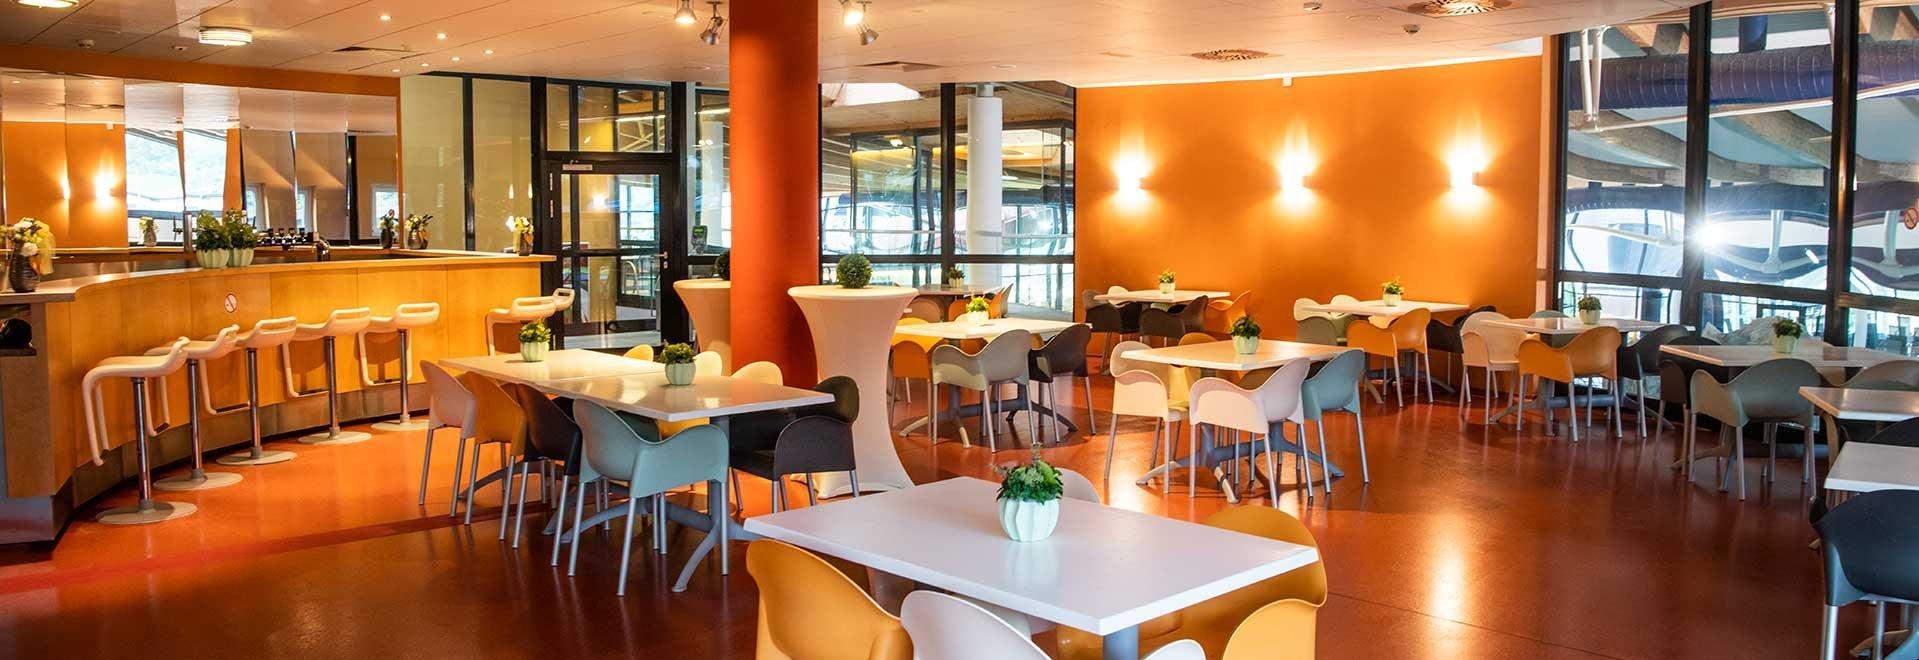 Bar und Restaurant Erlebnistherme Zillertal